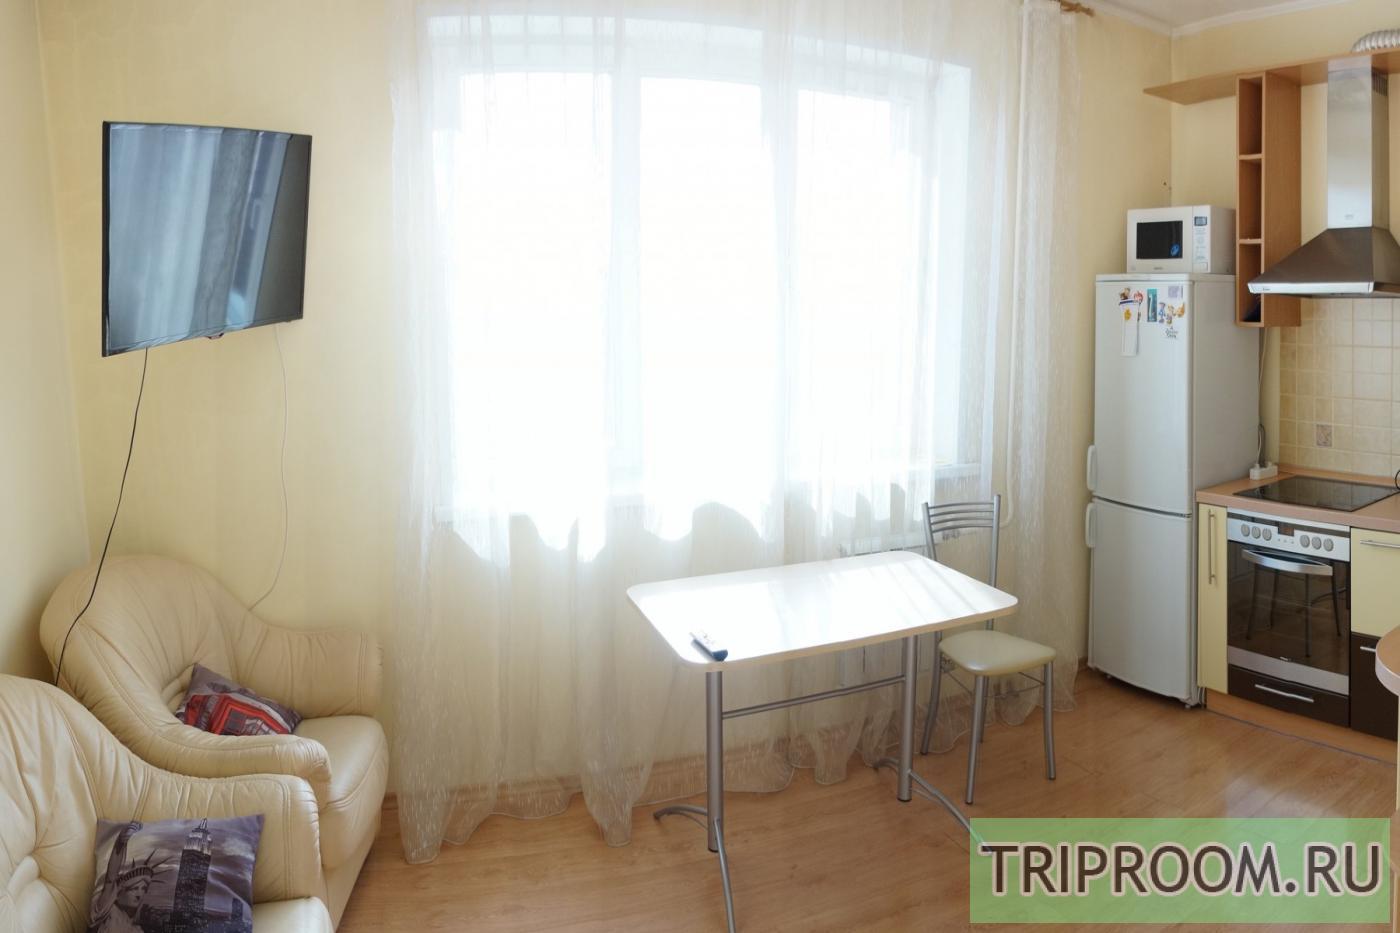 1-комнатная квартира посуточно (вариант № 23799), ул. Авиаторов улица, фото № 13